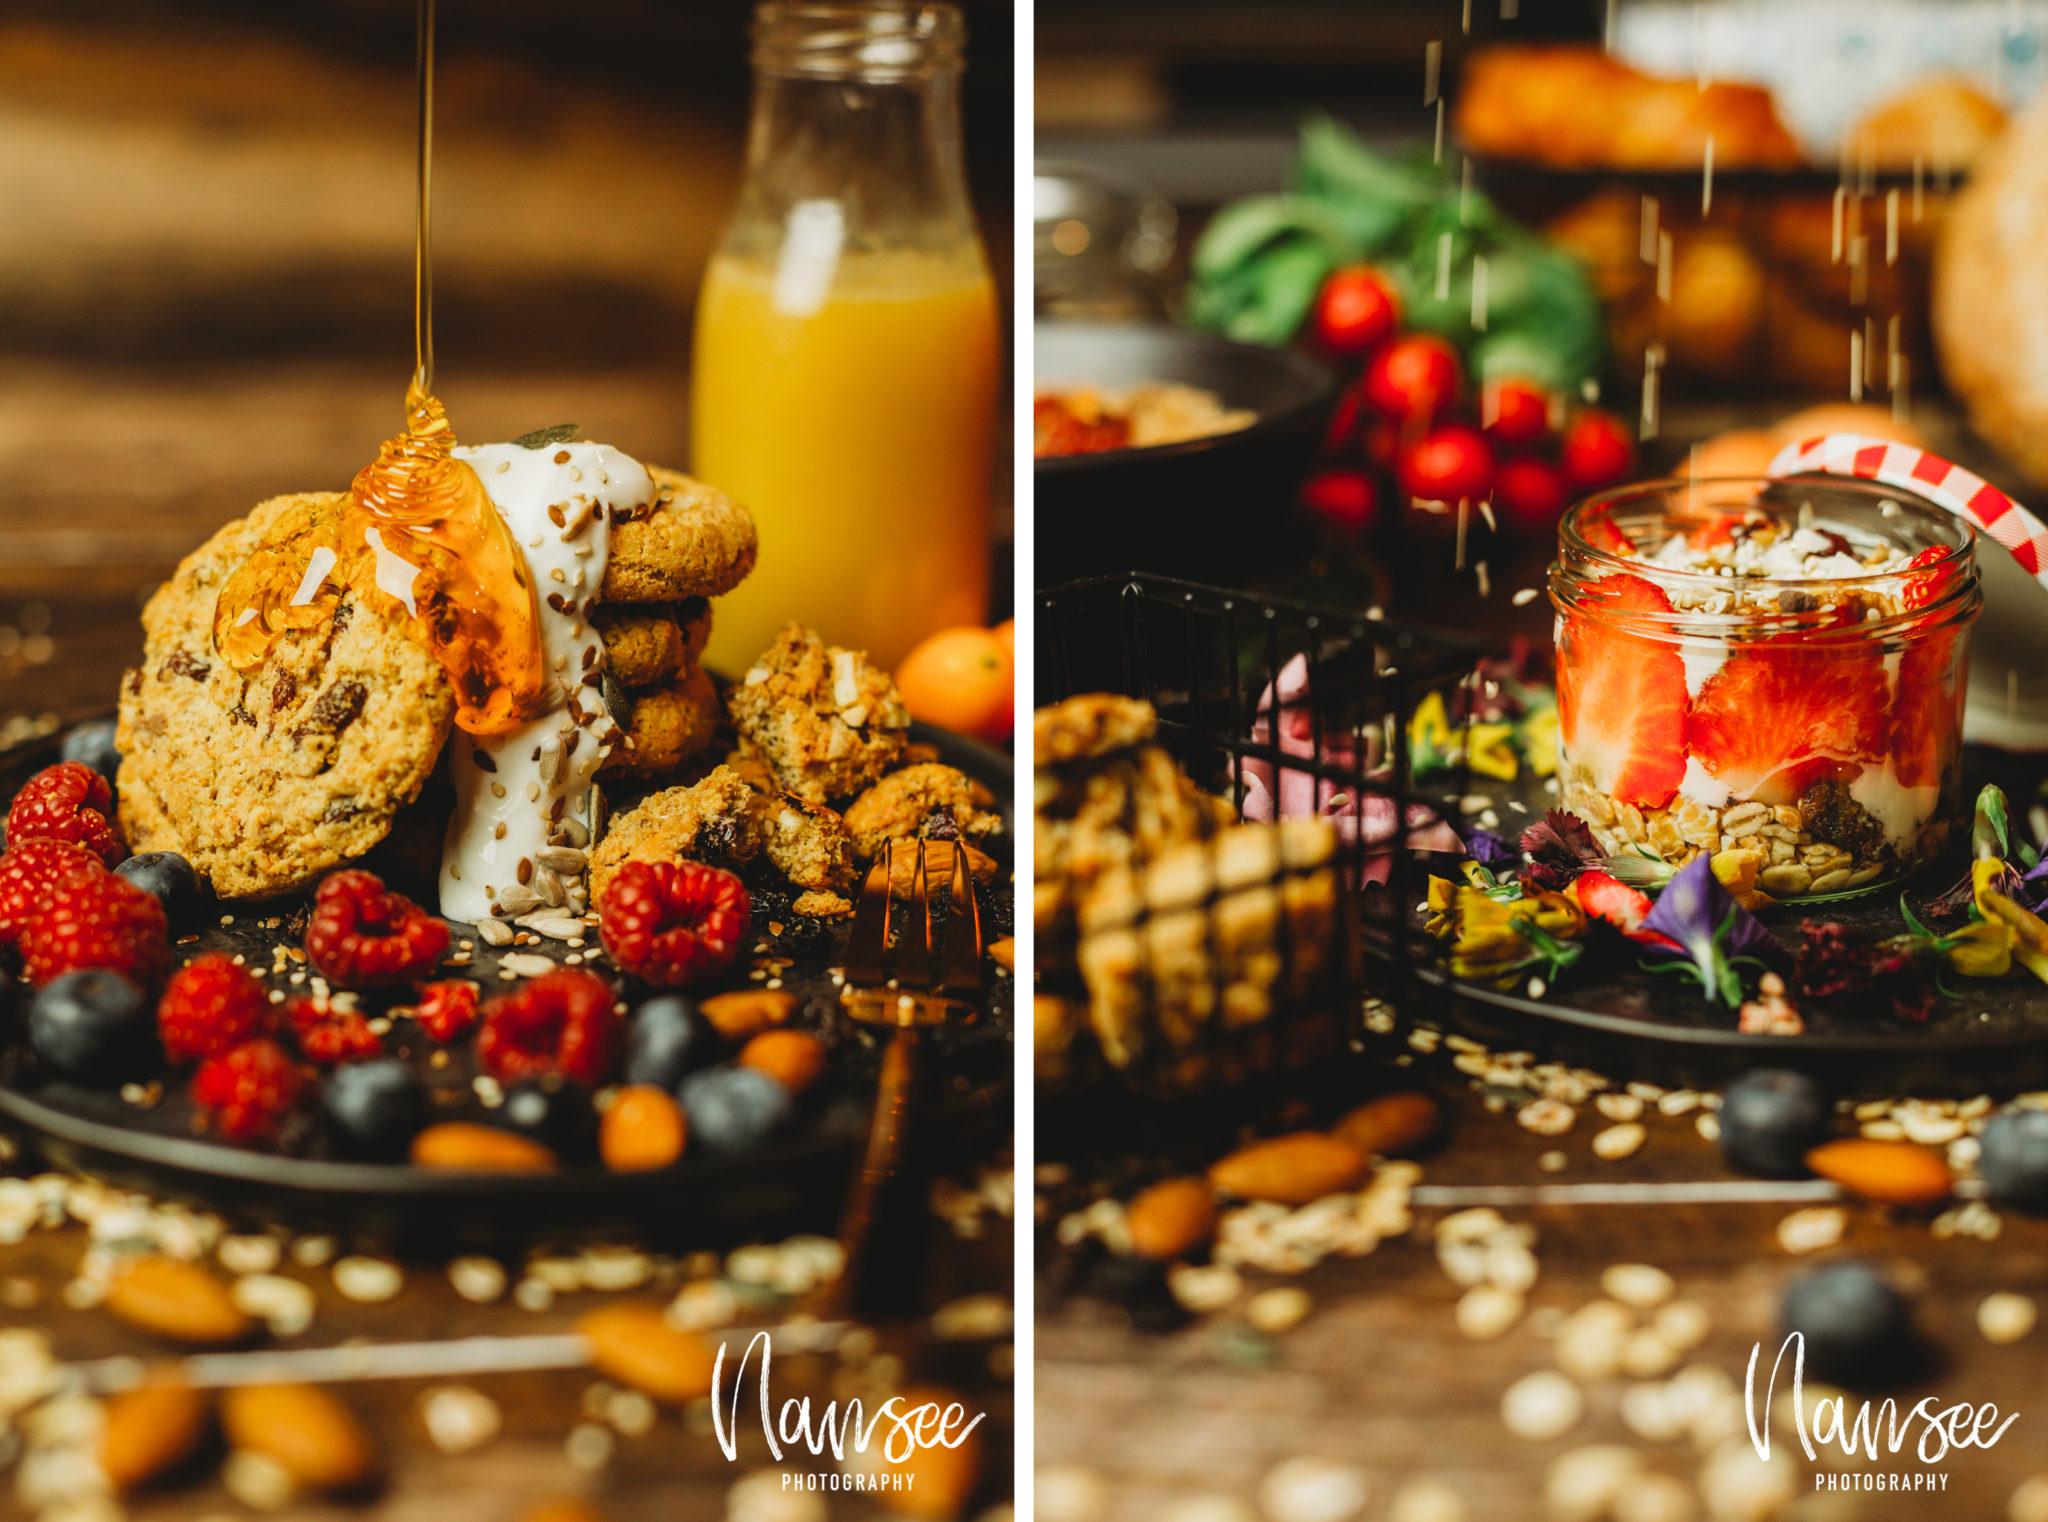 van delft de graanschuur nanseephotography harderwijk food eten fotografie